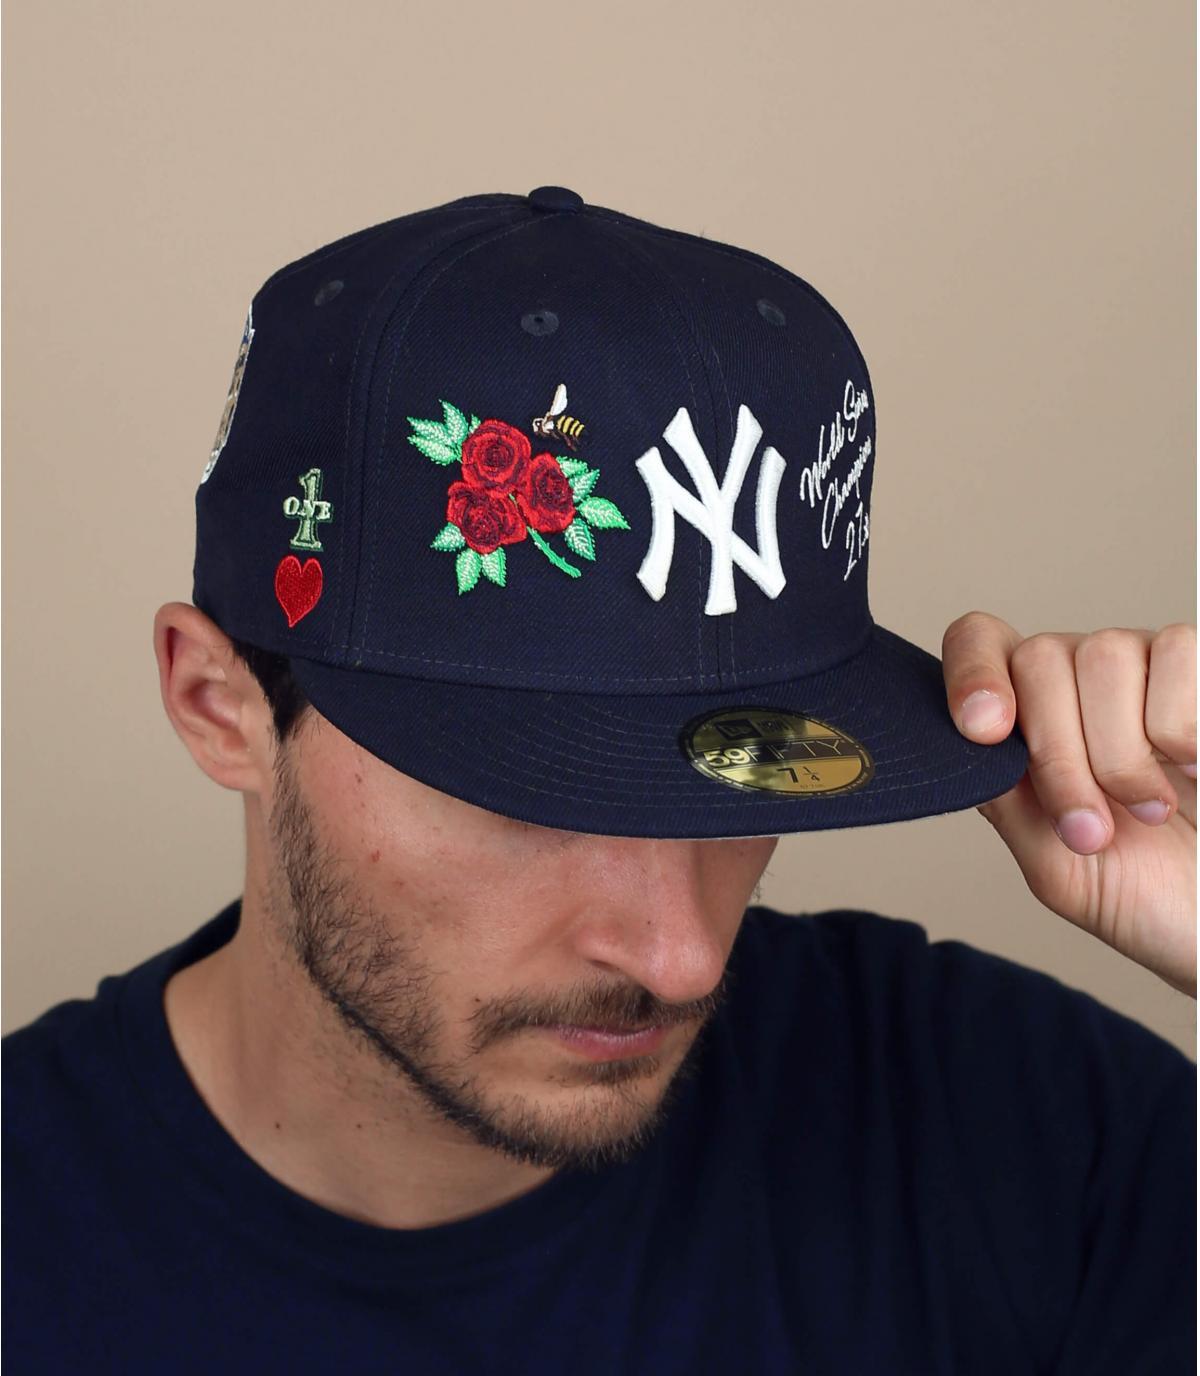 NY cap patches